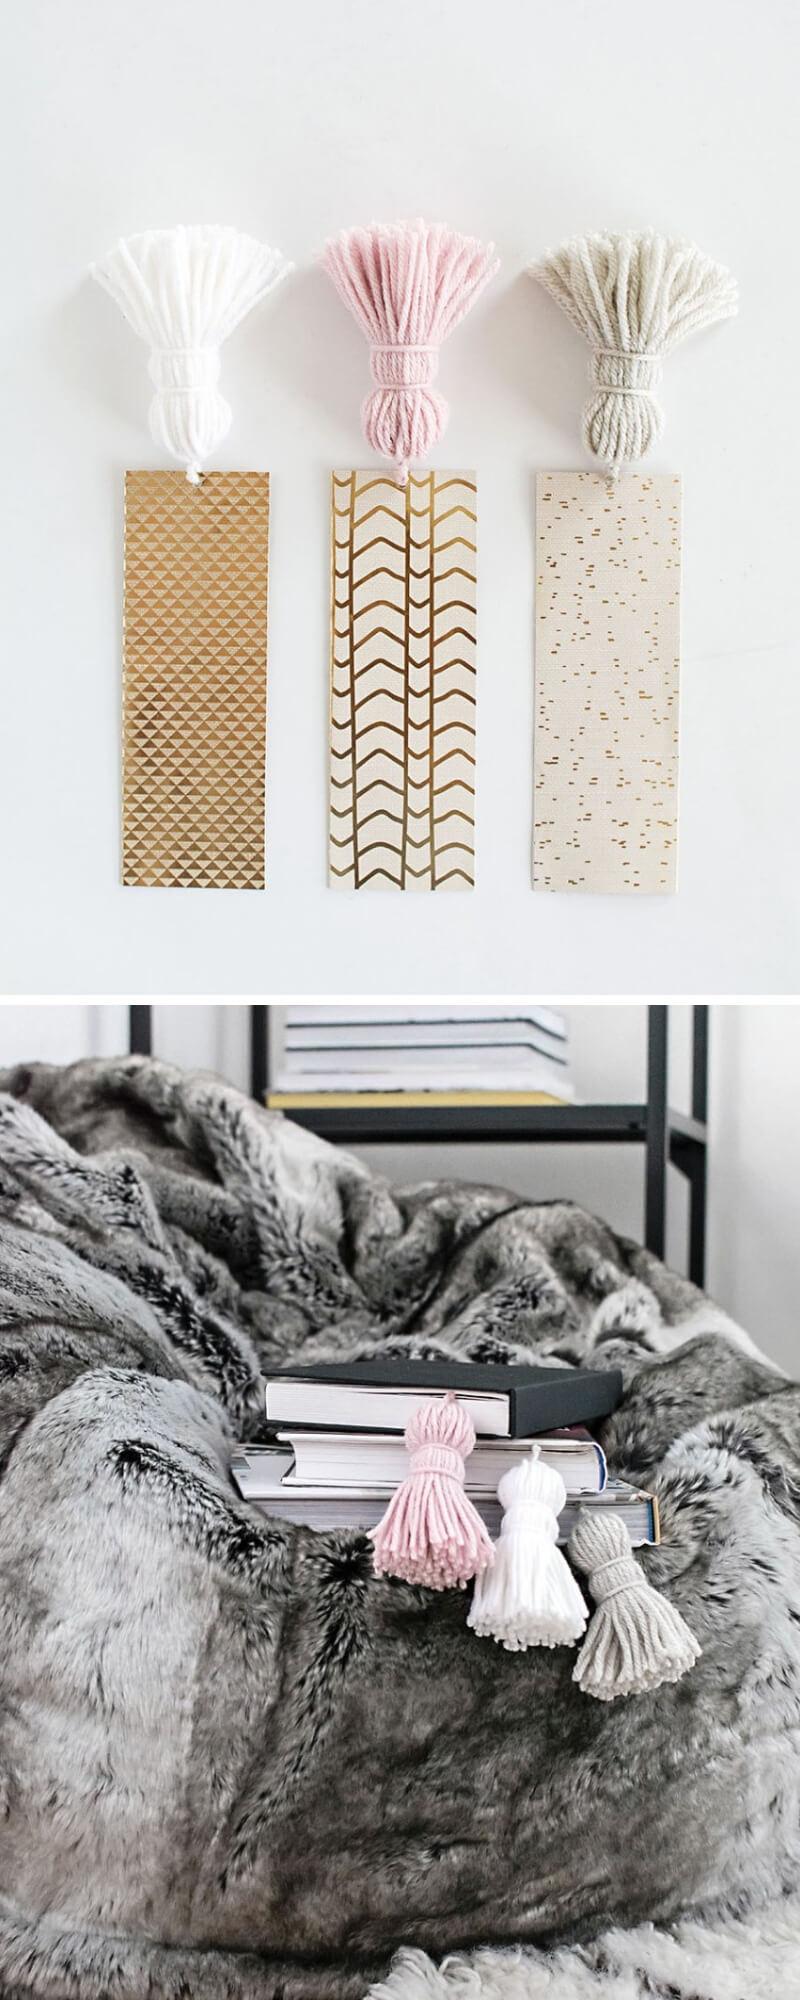 Marcapáginas de cartulina y borla de lana